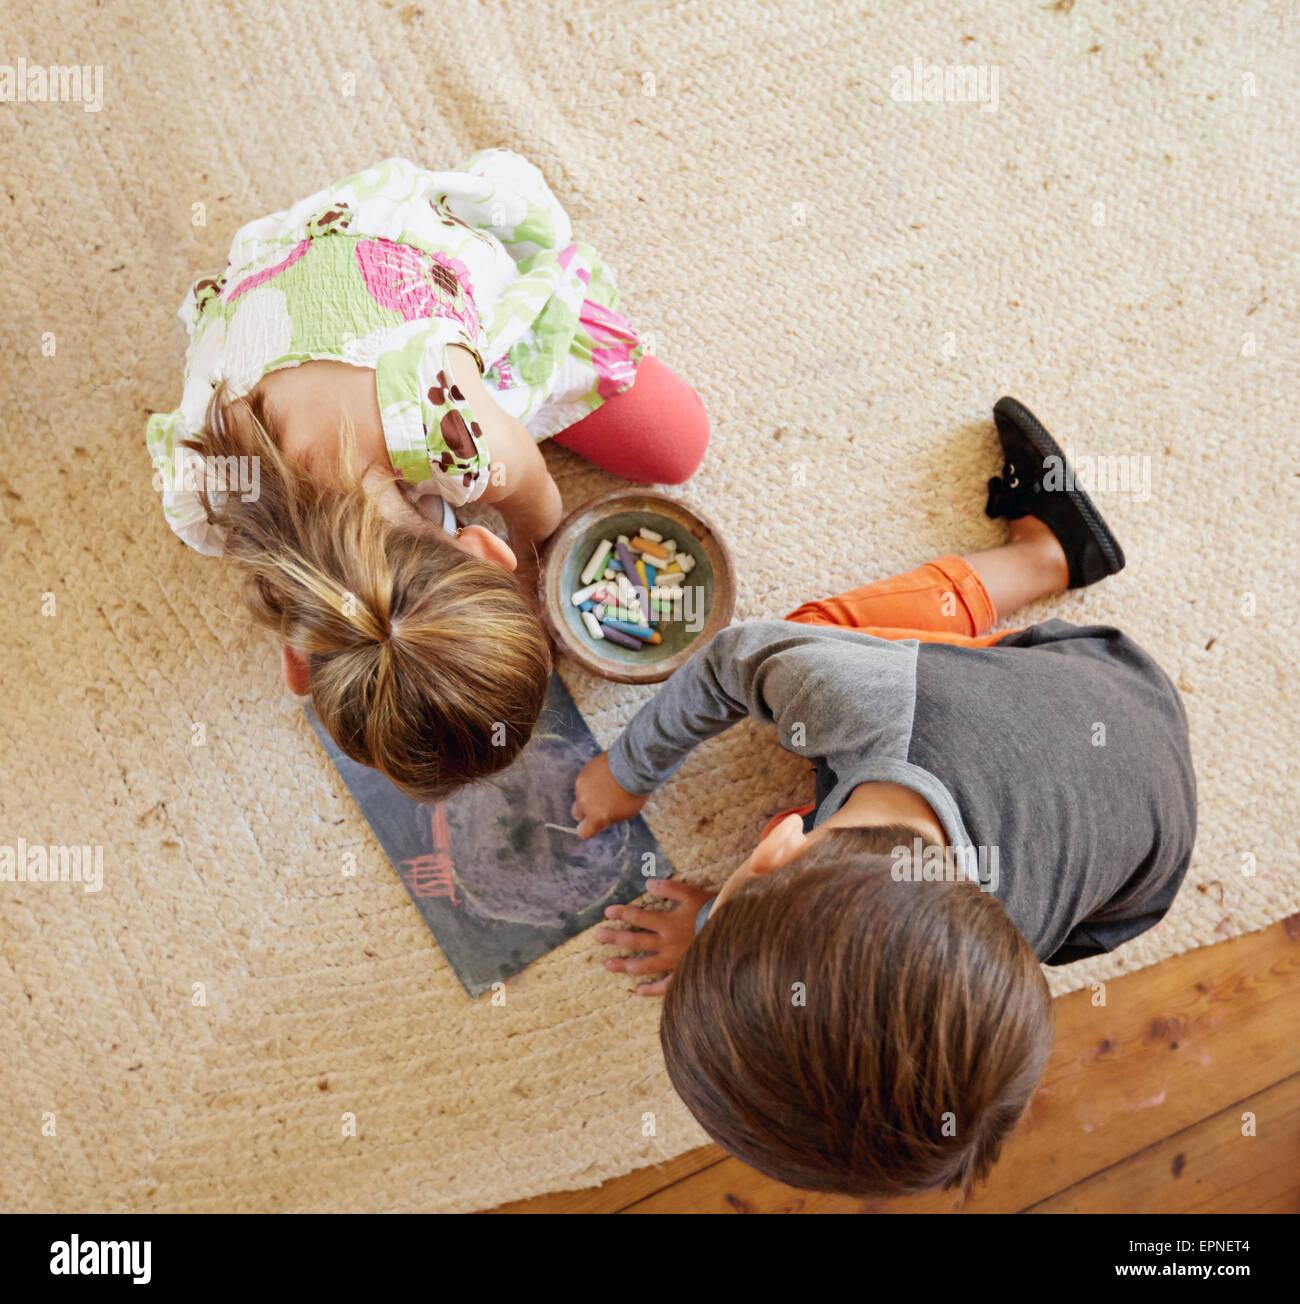 Draufsicht der zwei kleine Kinder sitzen auf Boden mit Farbe Kreide gezeichnet. Stockbild